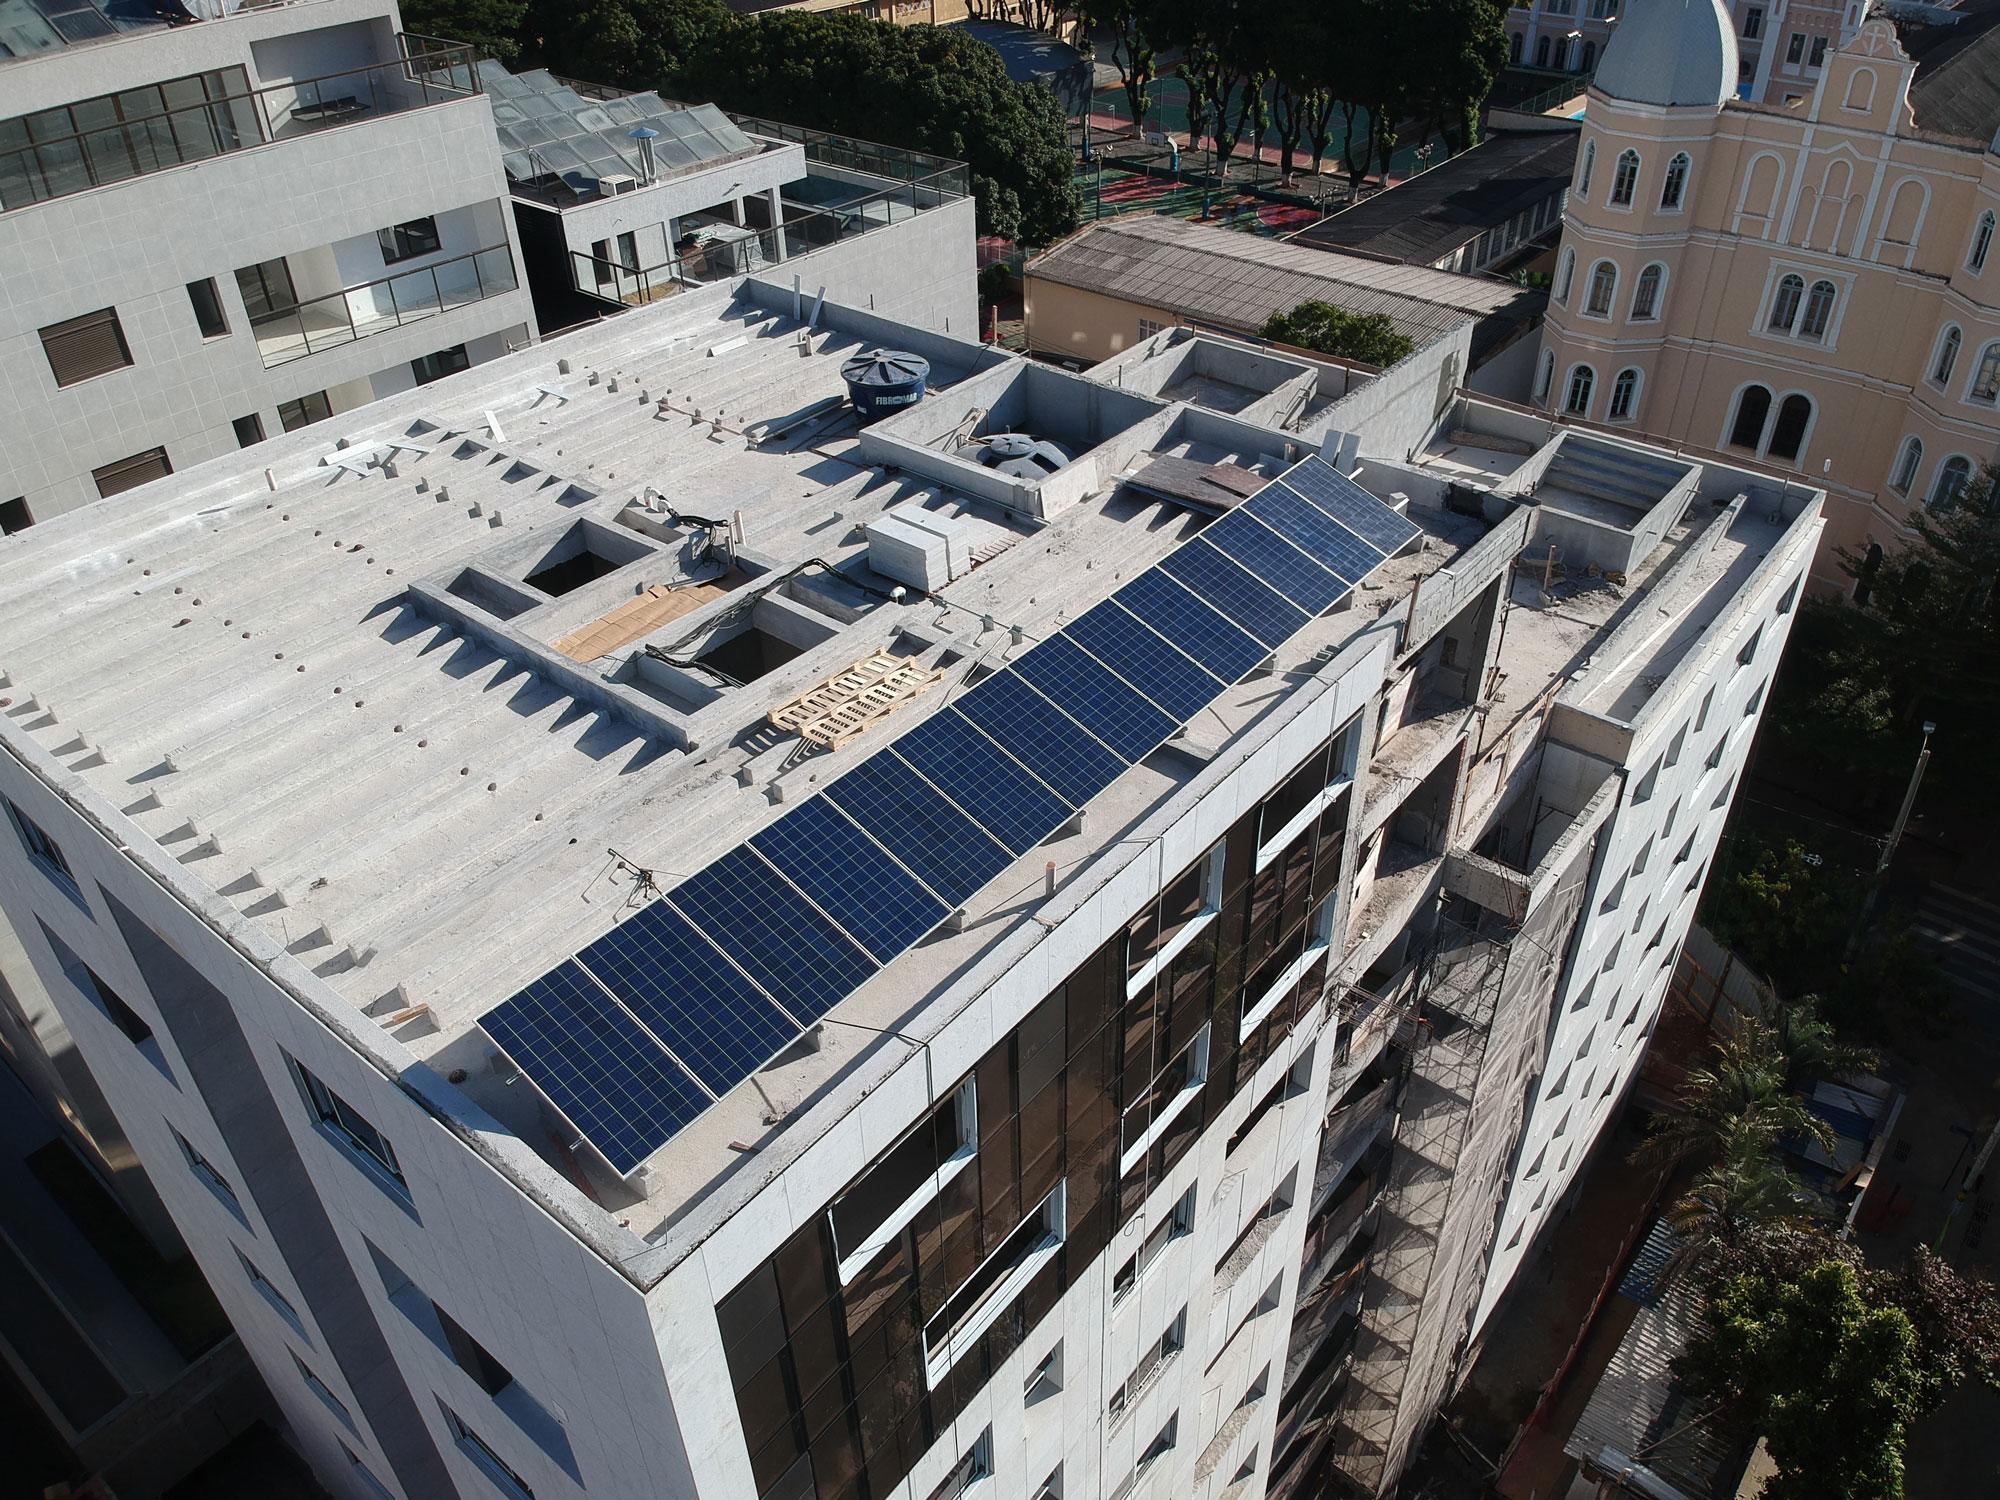 Sistema de 4,48kWp para um condomínio, Belo Horizonte MG, Economia anual de aproximadamente R$ 6.200,00 (2)